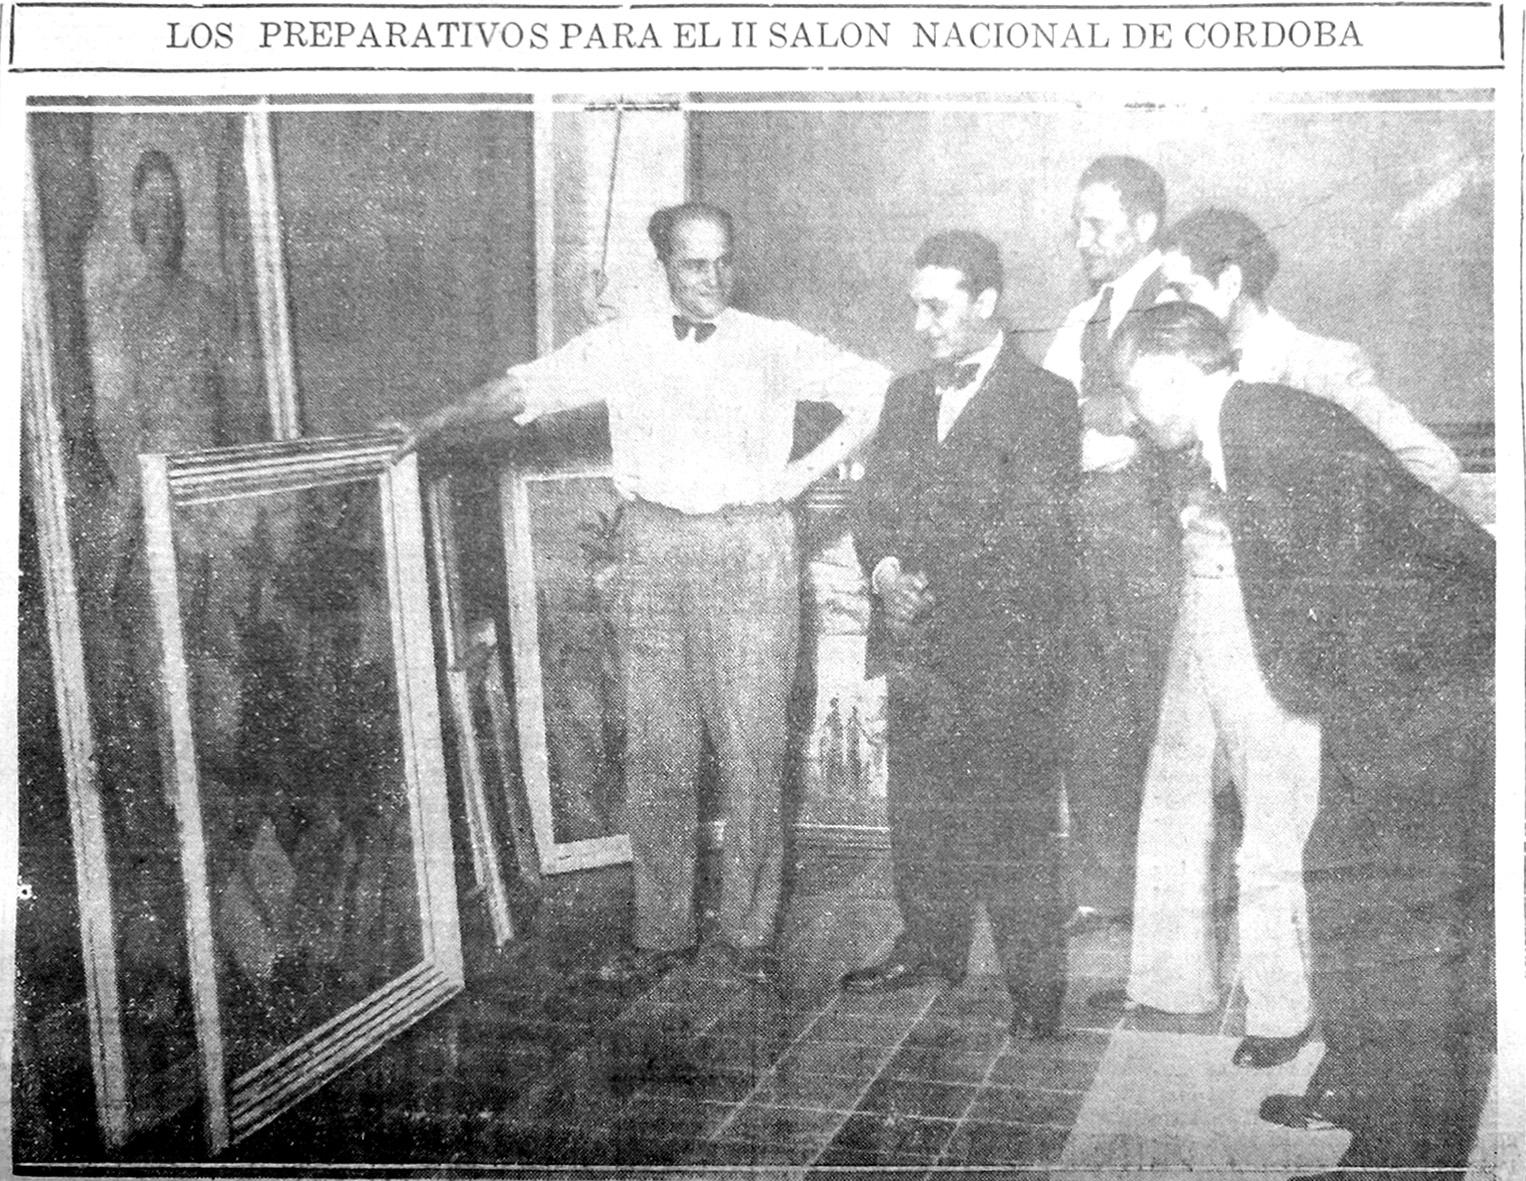 Miembros del jurado, en El País, 06/11/1934